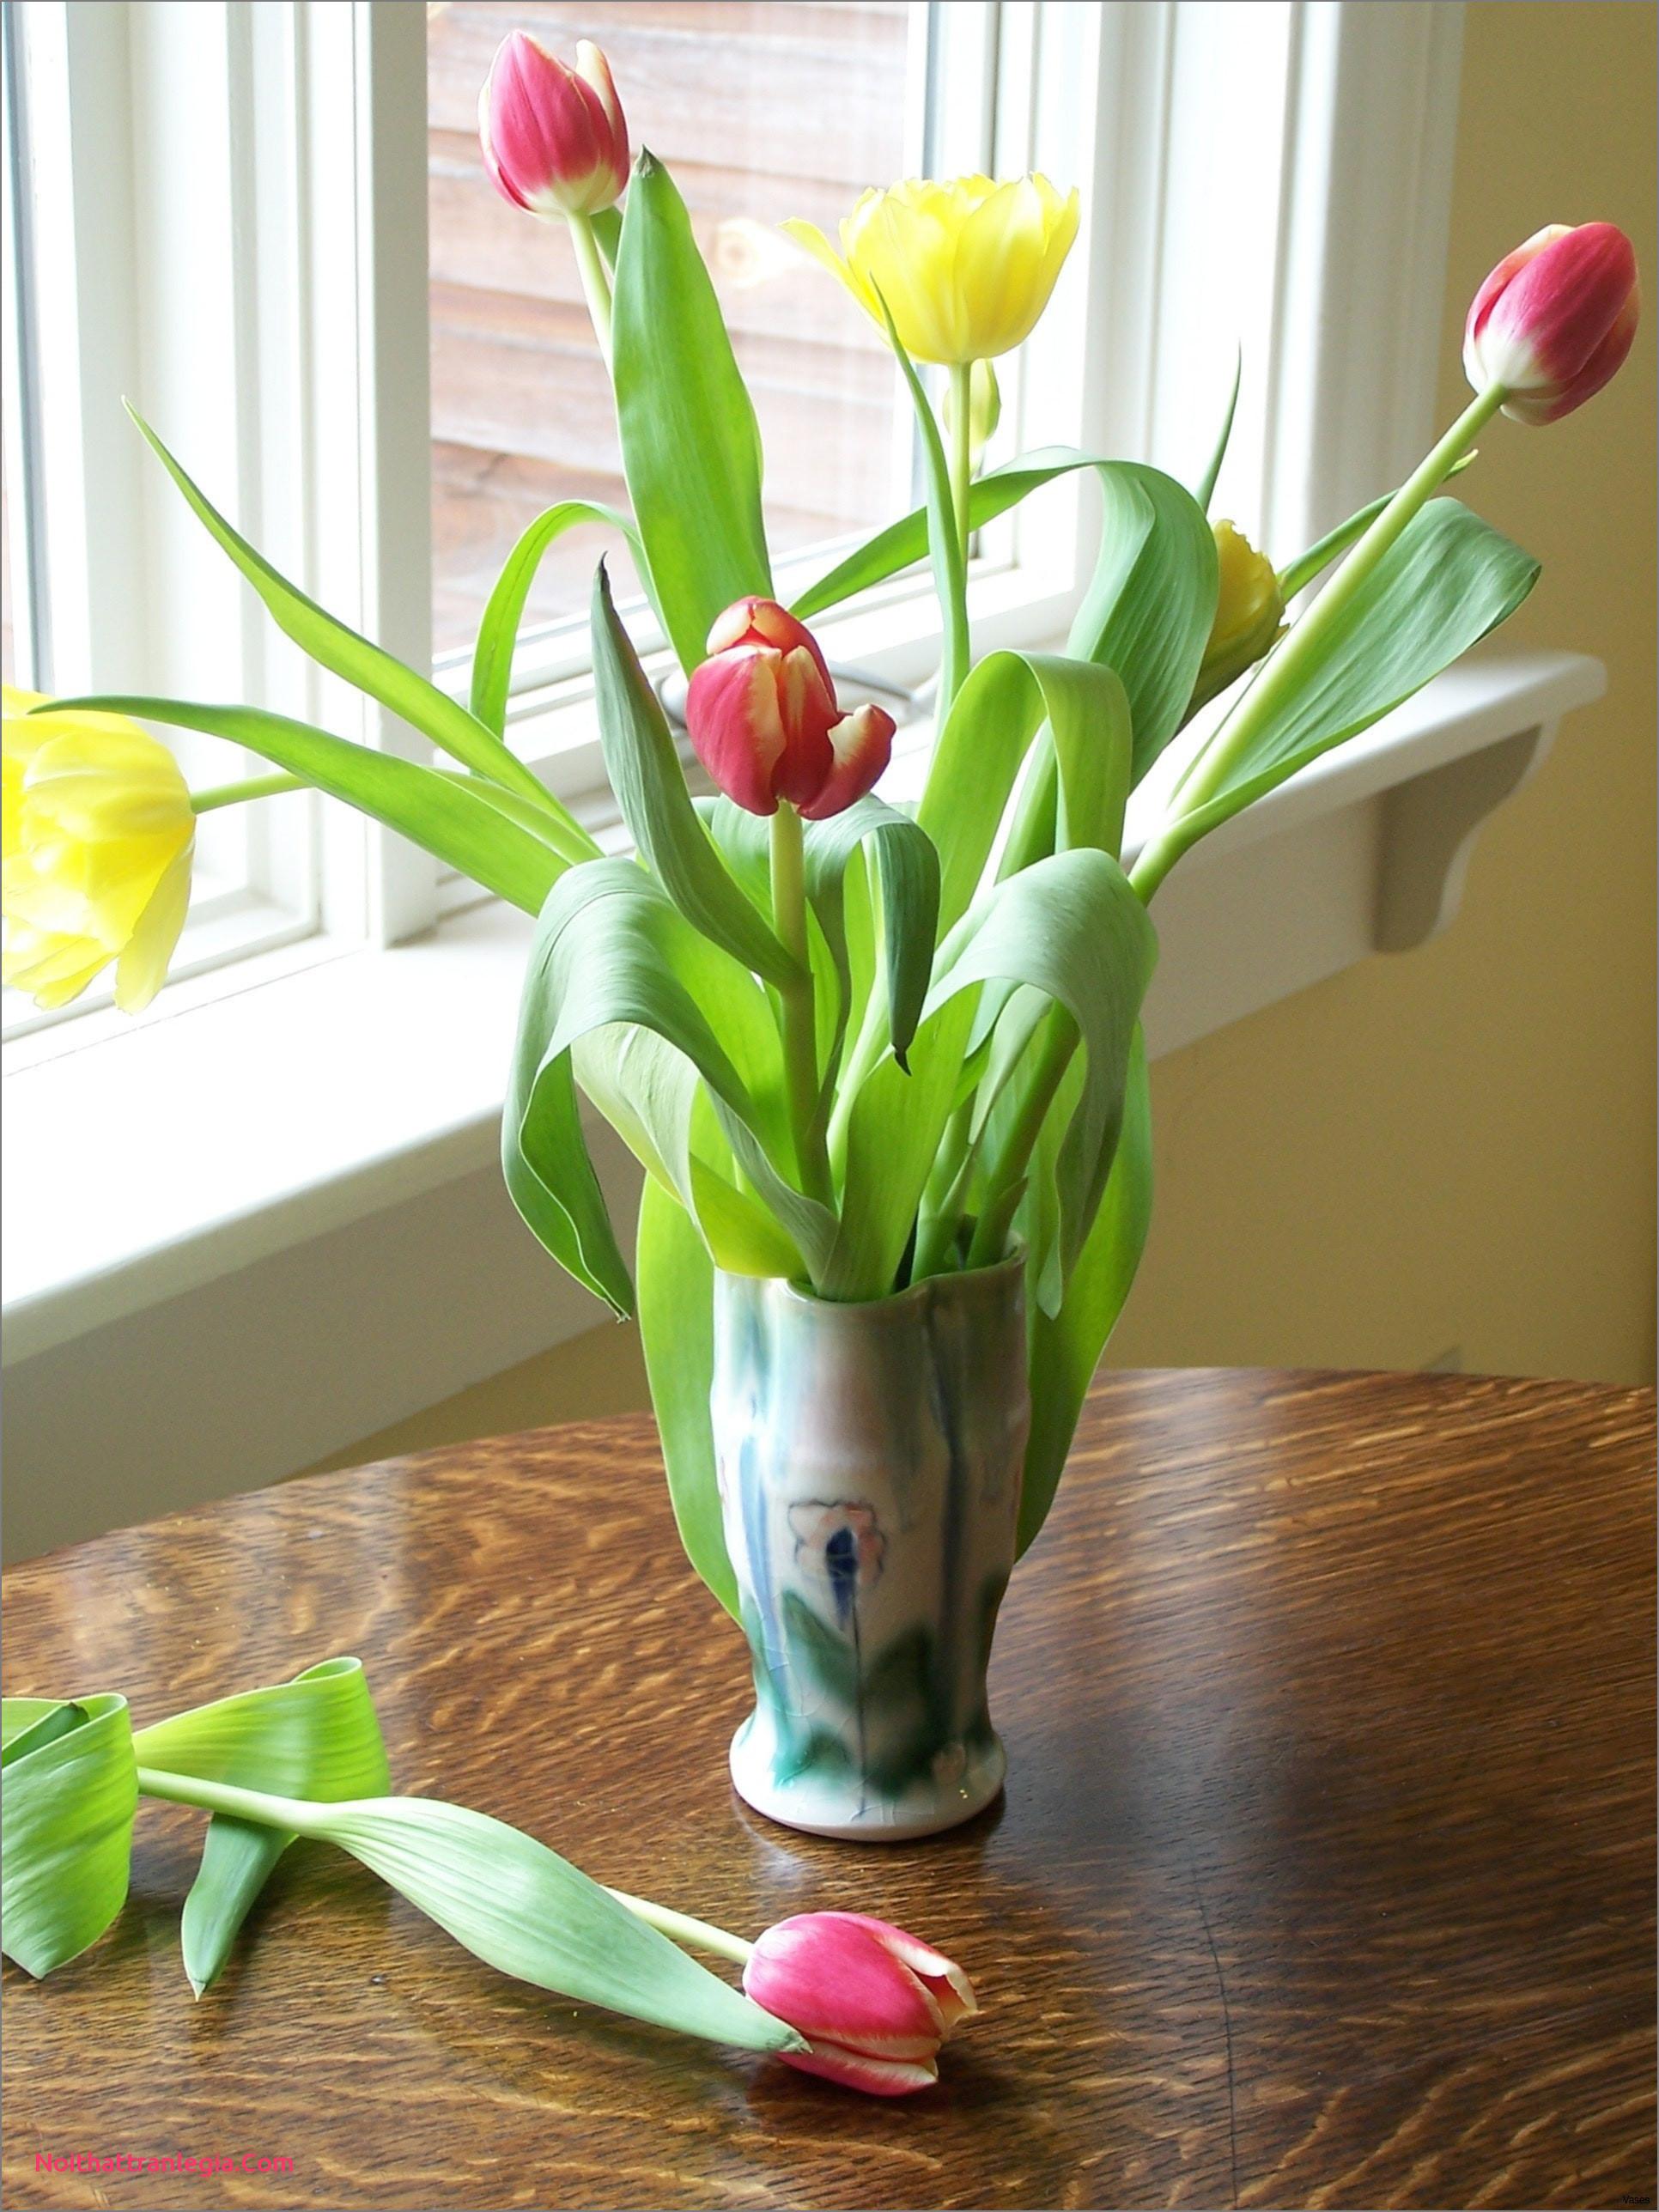 Single Rose Glass Vase Of 20 How to Clean Flower Vases Noithattranlegia Vases Design Regarding Il Fullxfull L7e9h Vases Single Flower Vase Ideas Zoomi 0d Inspiration Single Flower Vases